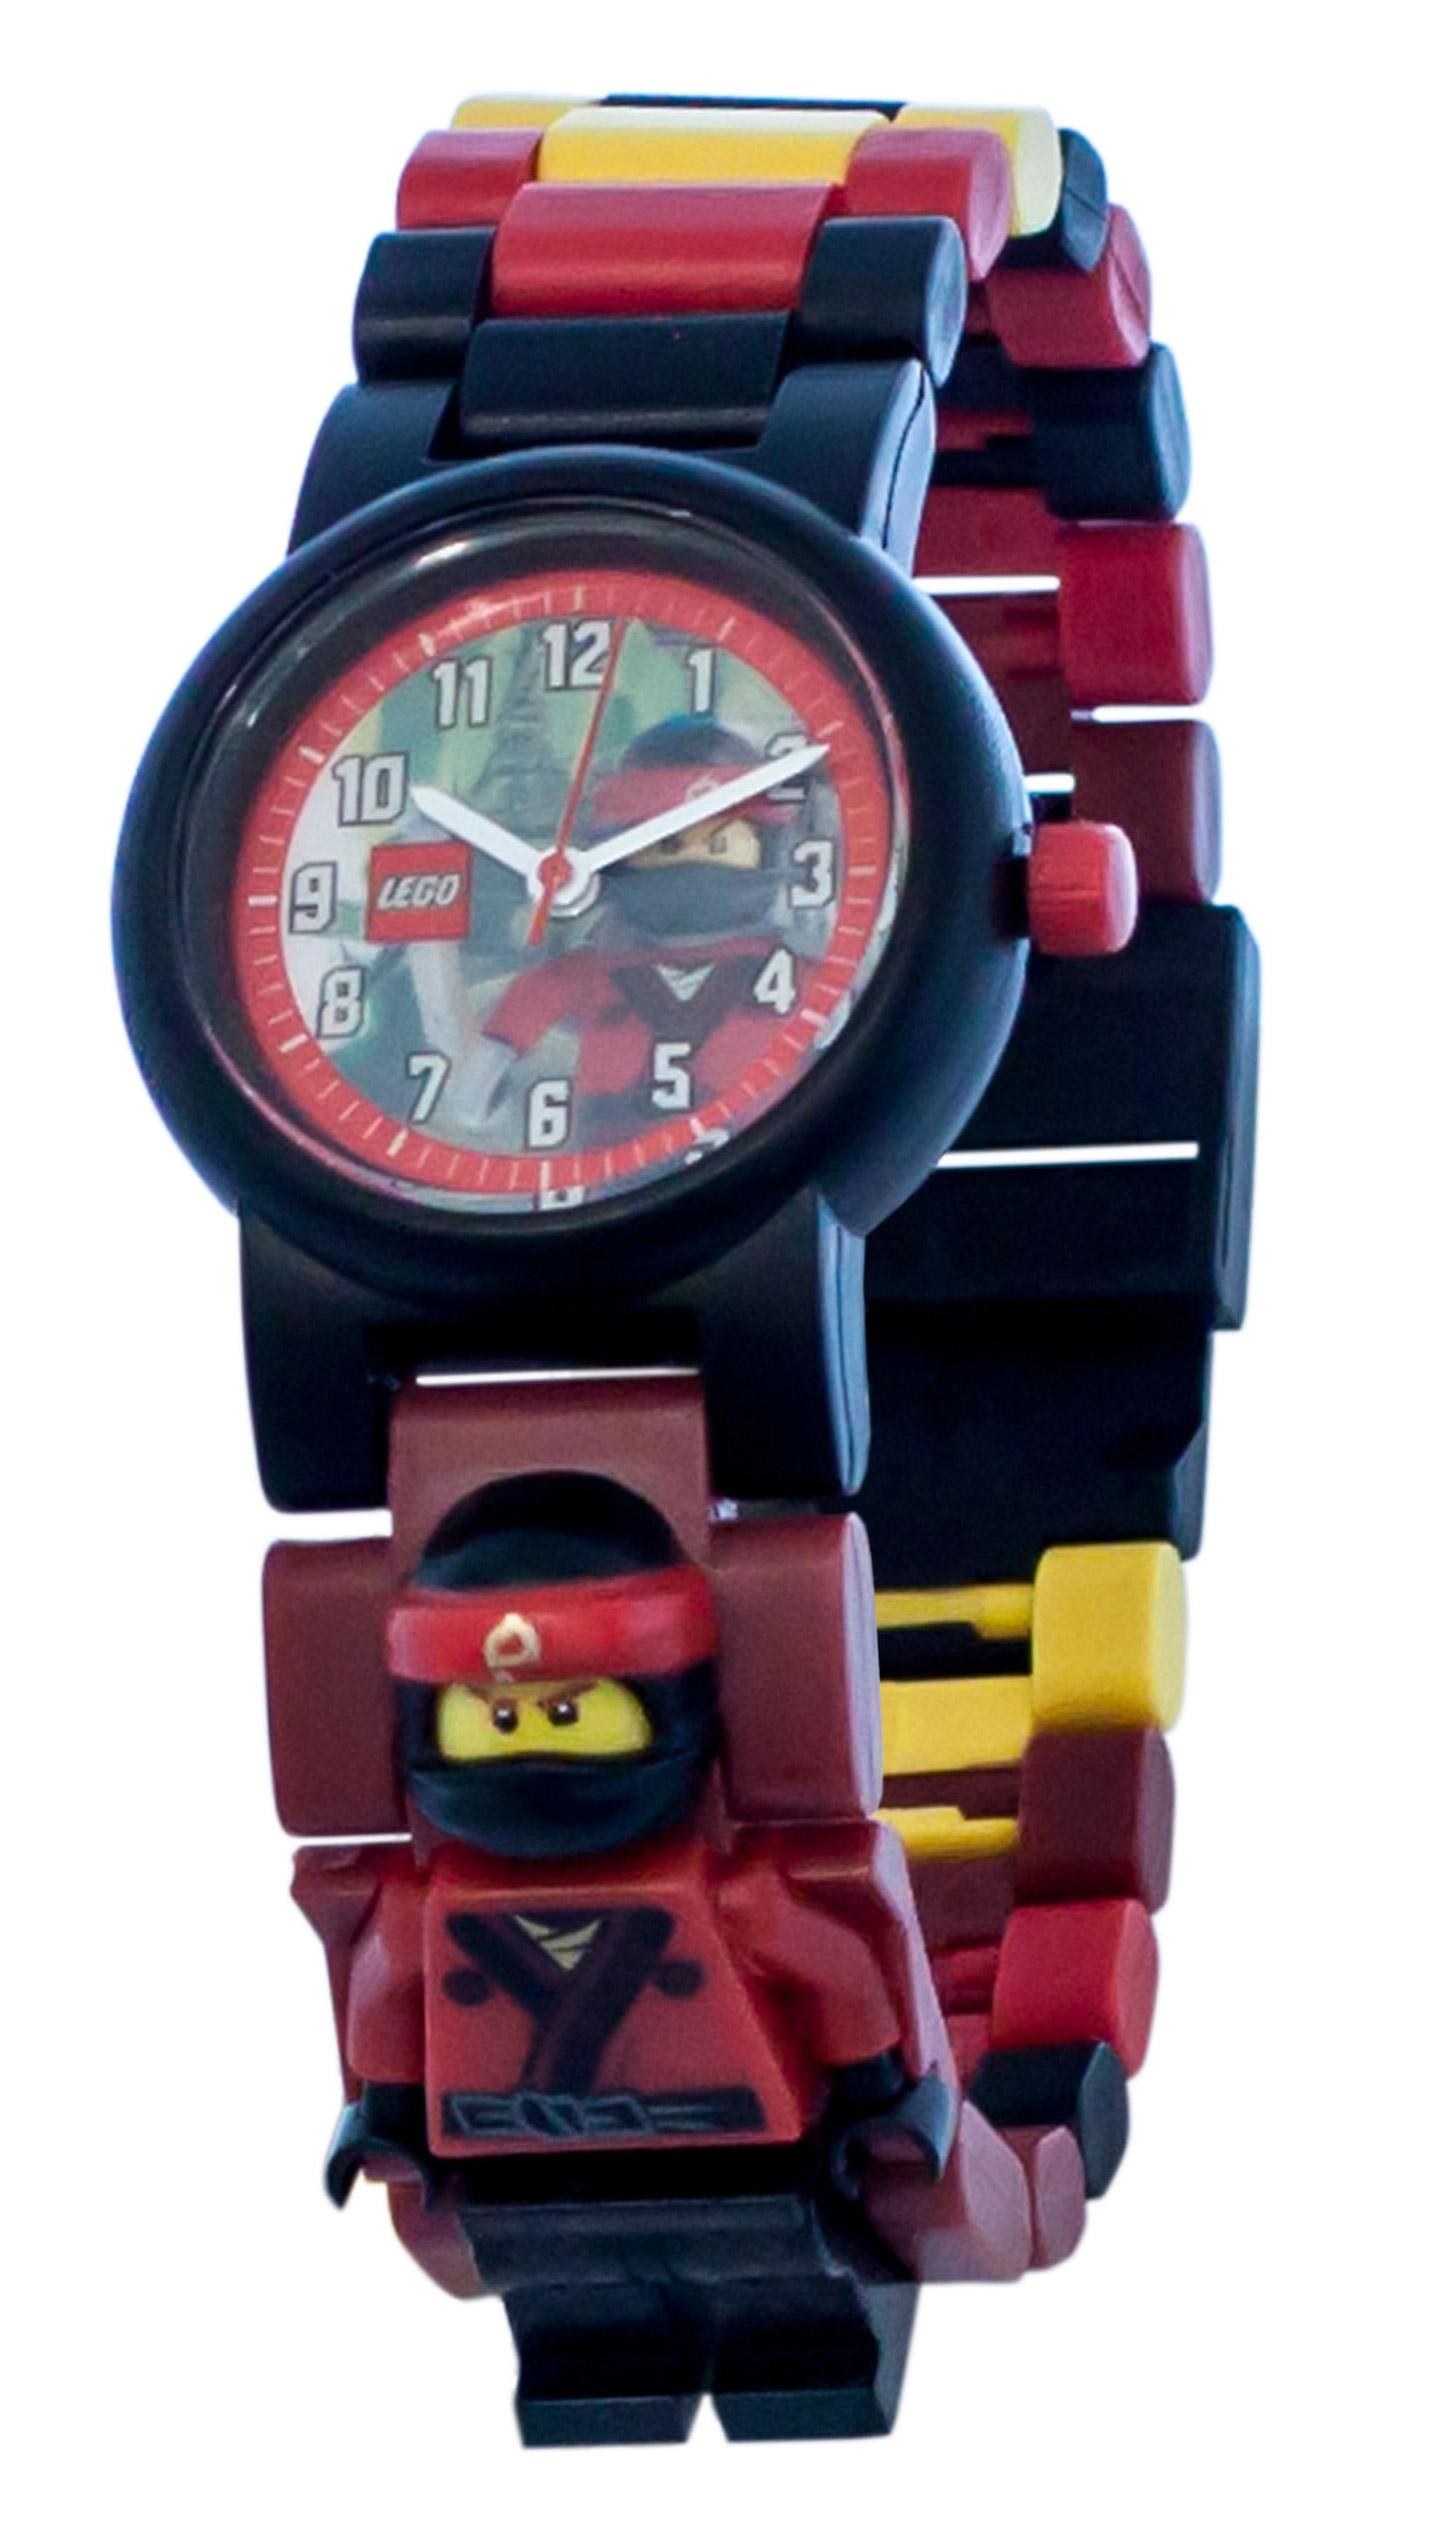 lego montres 5005369 pas cher montre bracelet figurine kai de lego ninjago le film. Black Bedroom Furniture Sets. Home Design Ideas